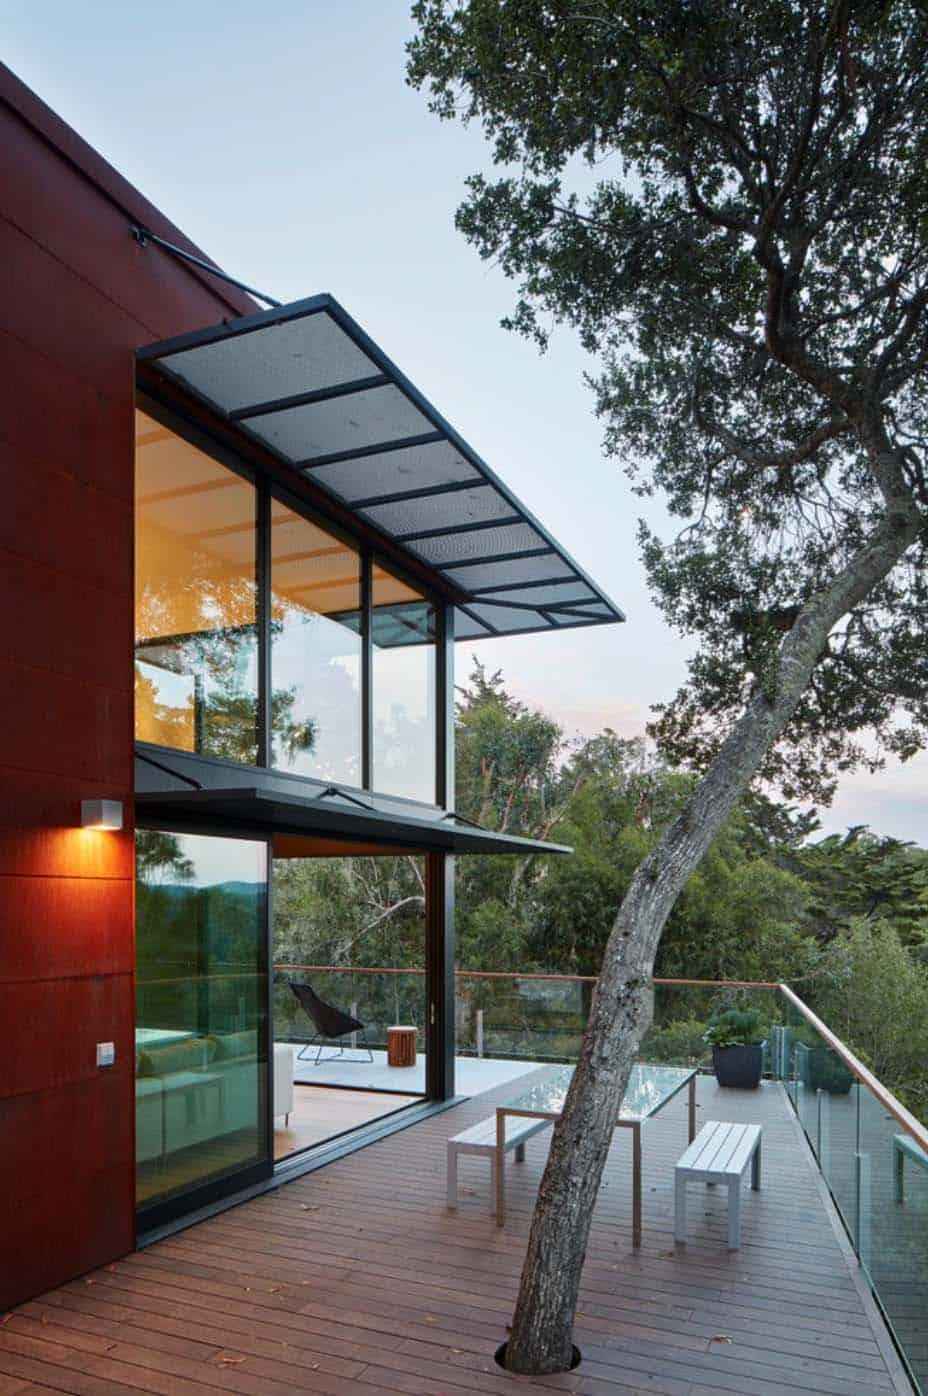 Sustainable Smart Home-Zack de Vito Architecture-06-1 Kindesign